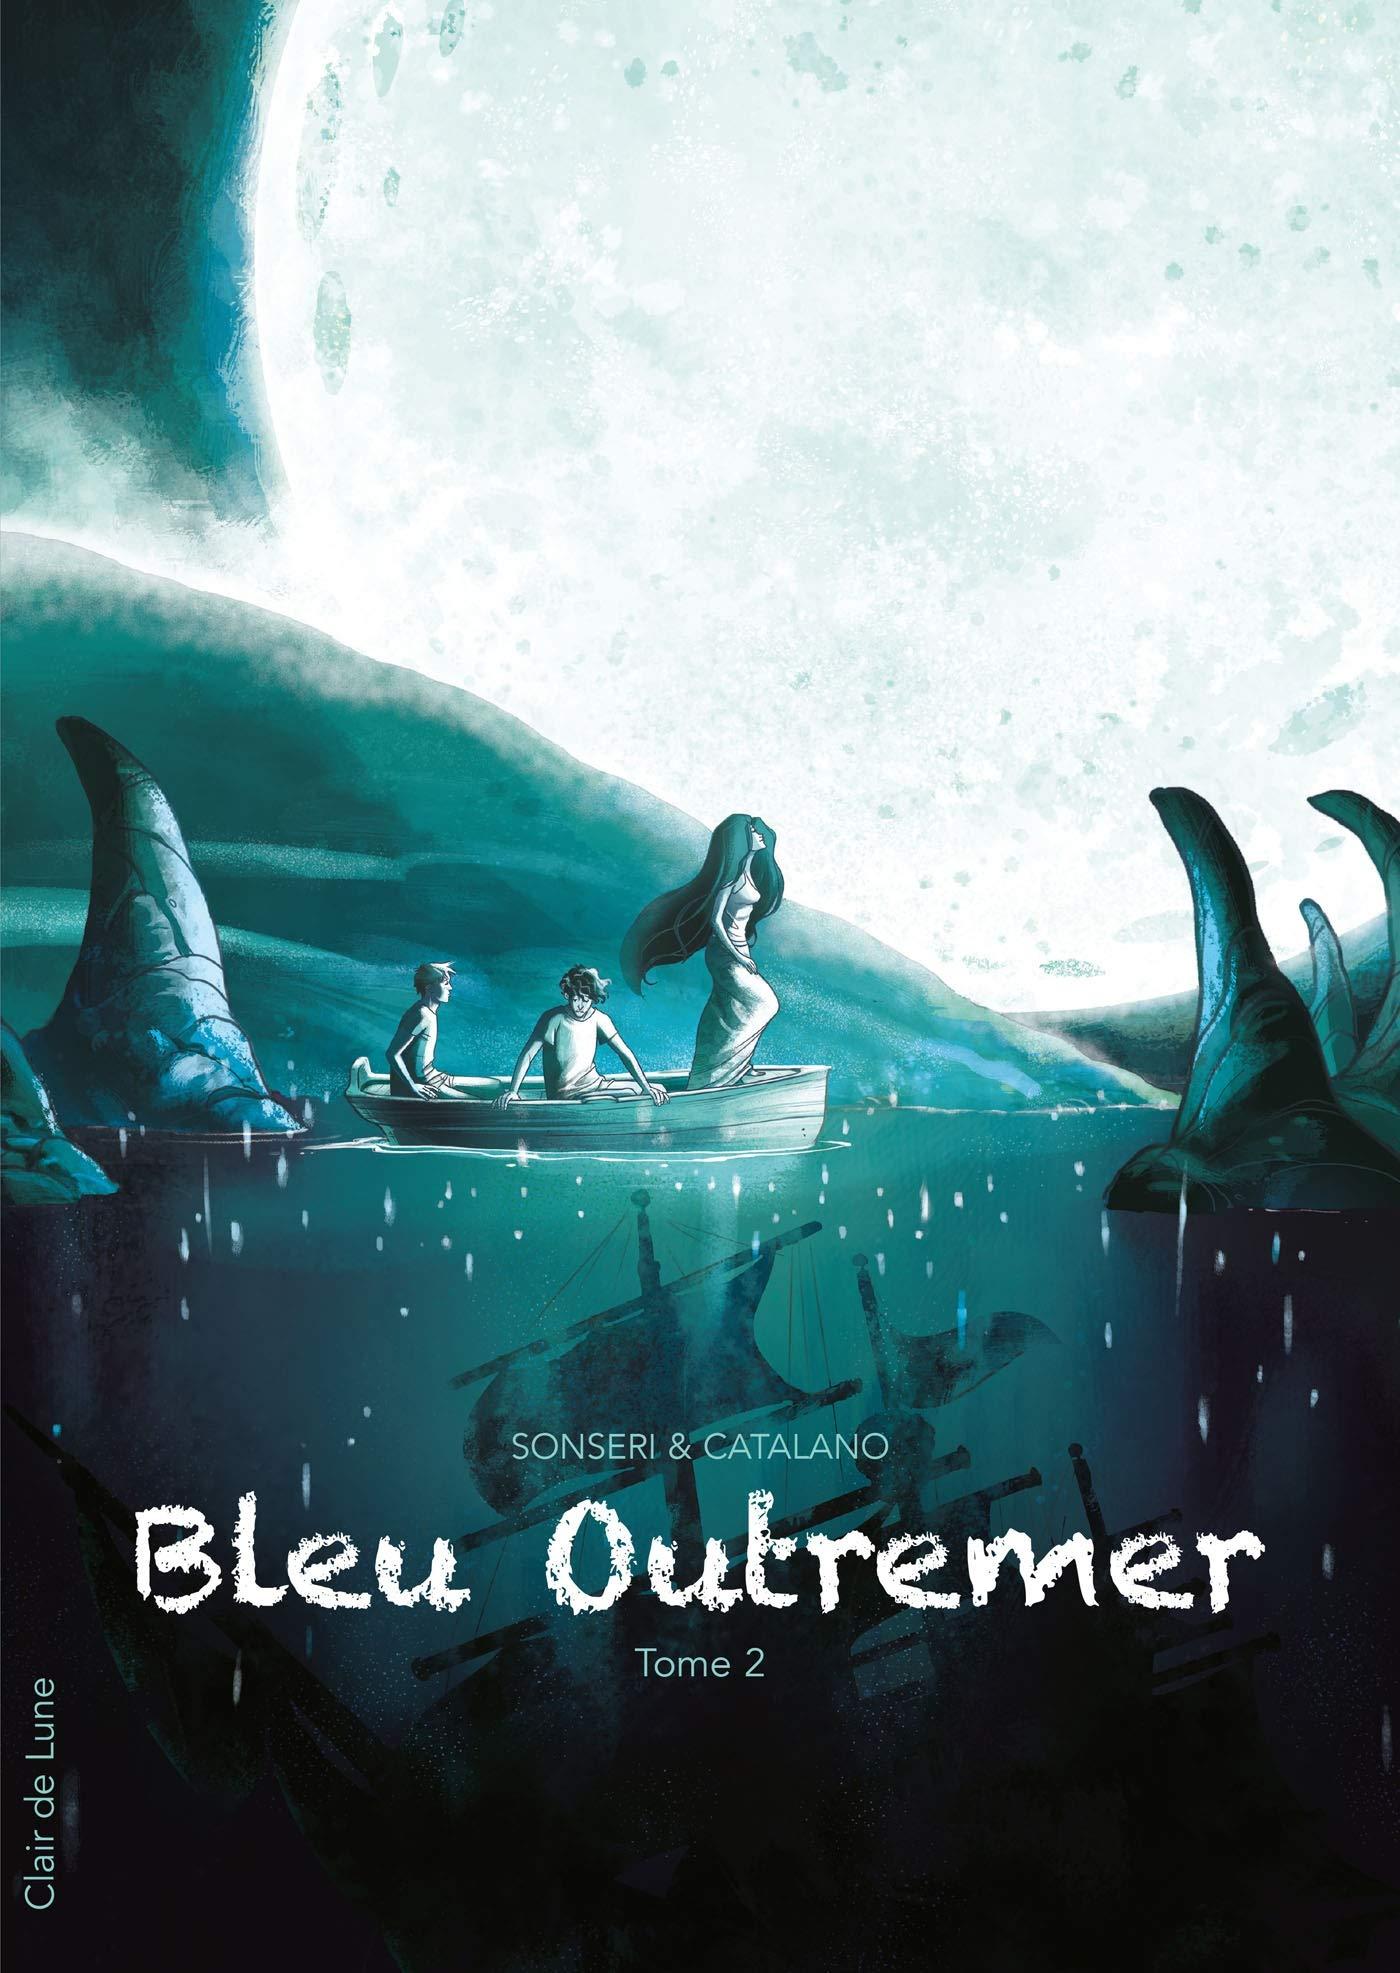 Bleu outremer 2 - Tome 2